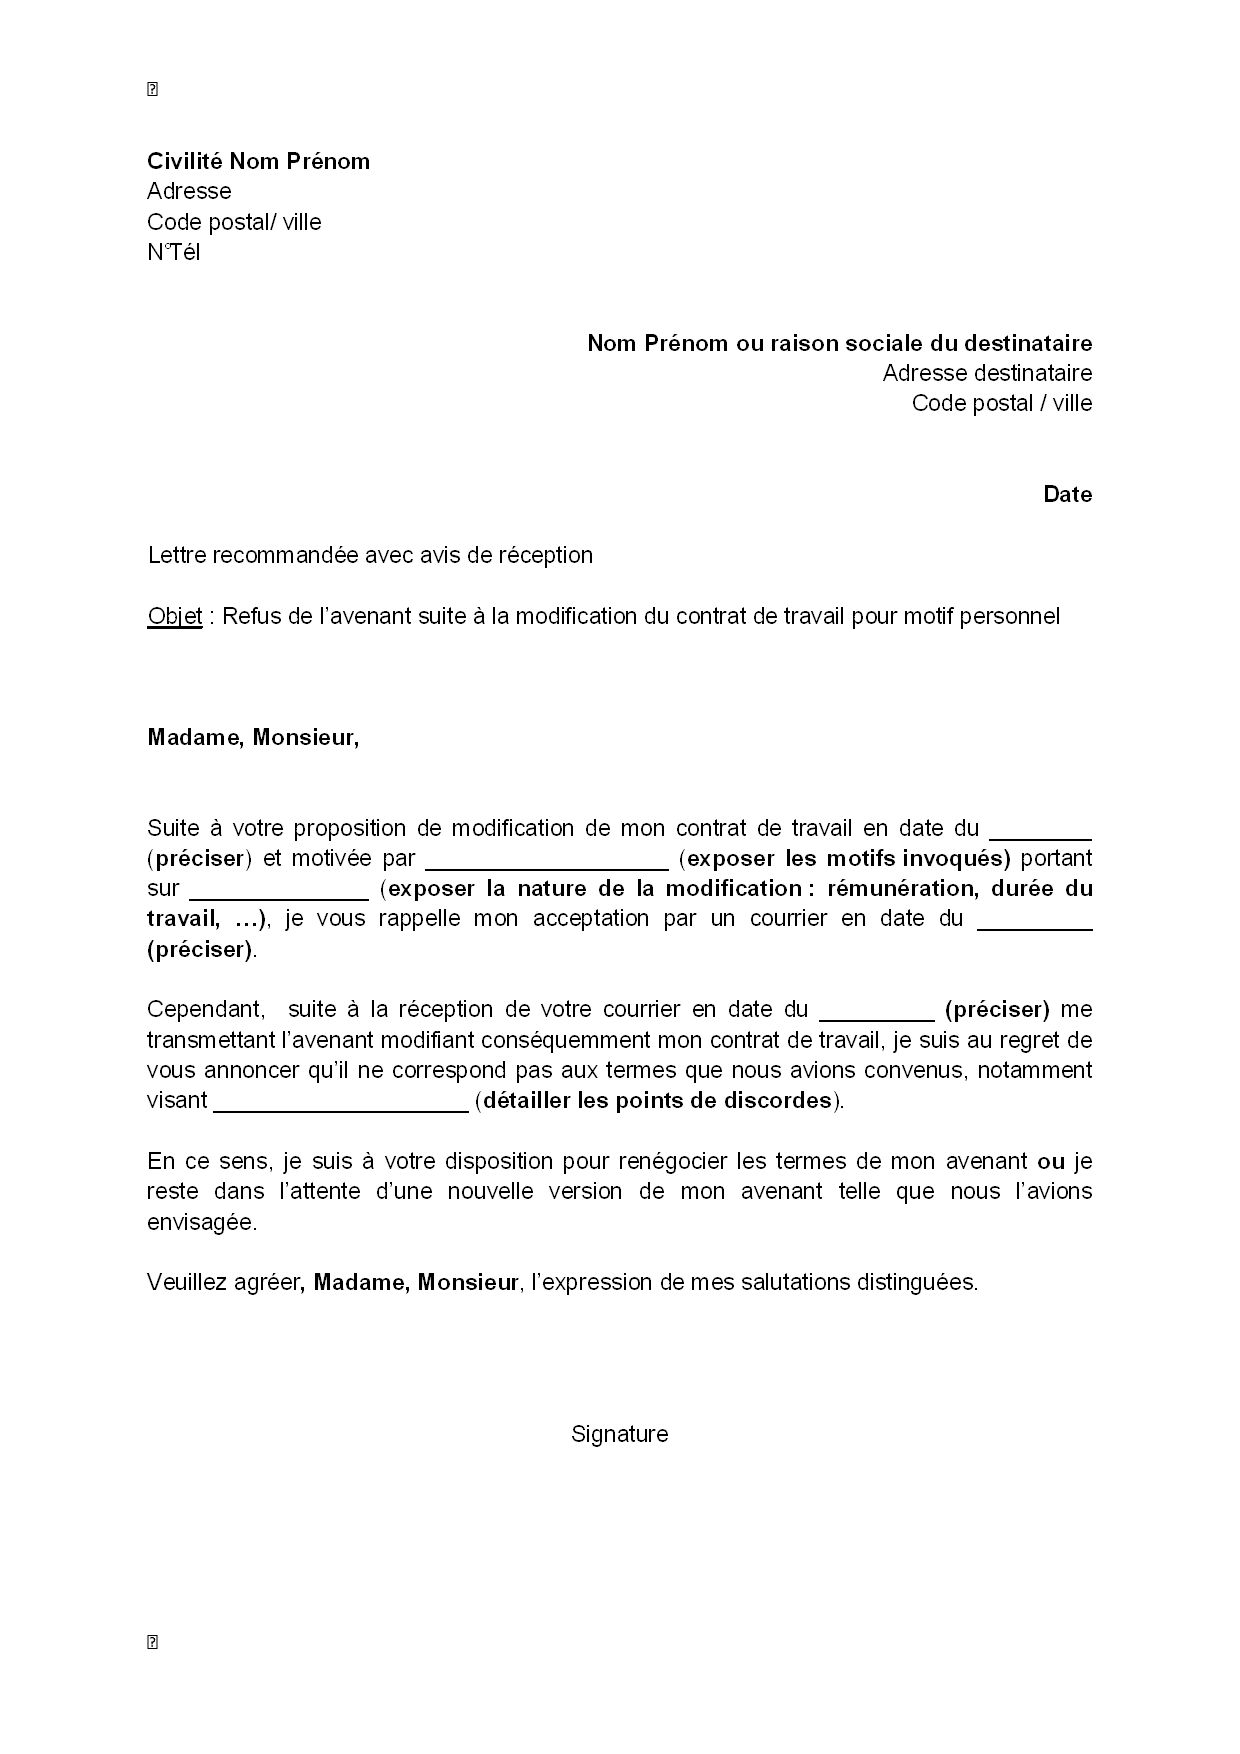 exemple gratuit de lettre refus  par salari u00e9  avenant suite  u00e0 modification contrat travail motif